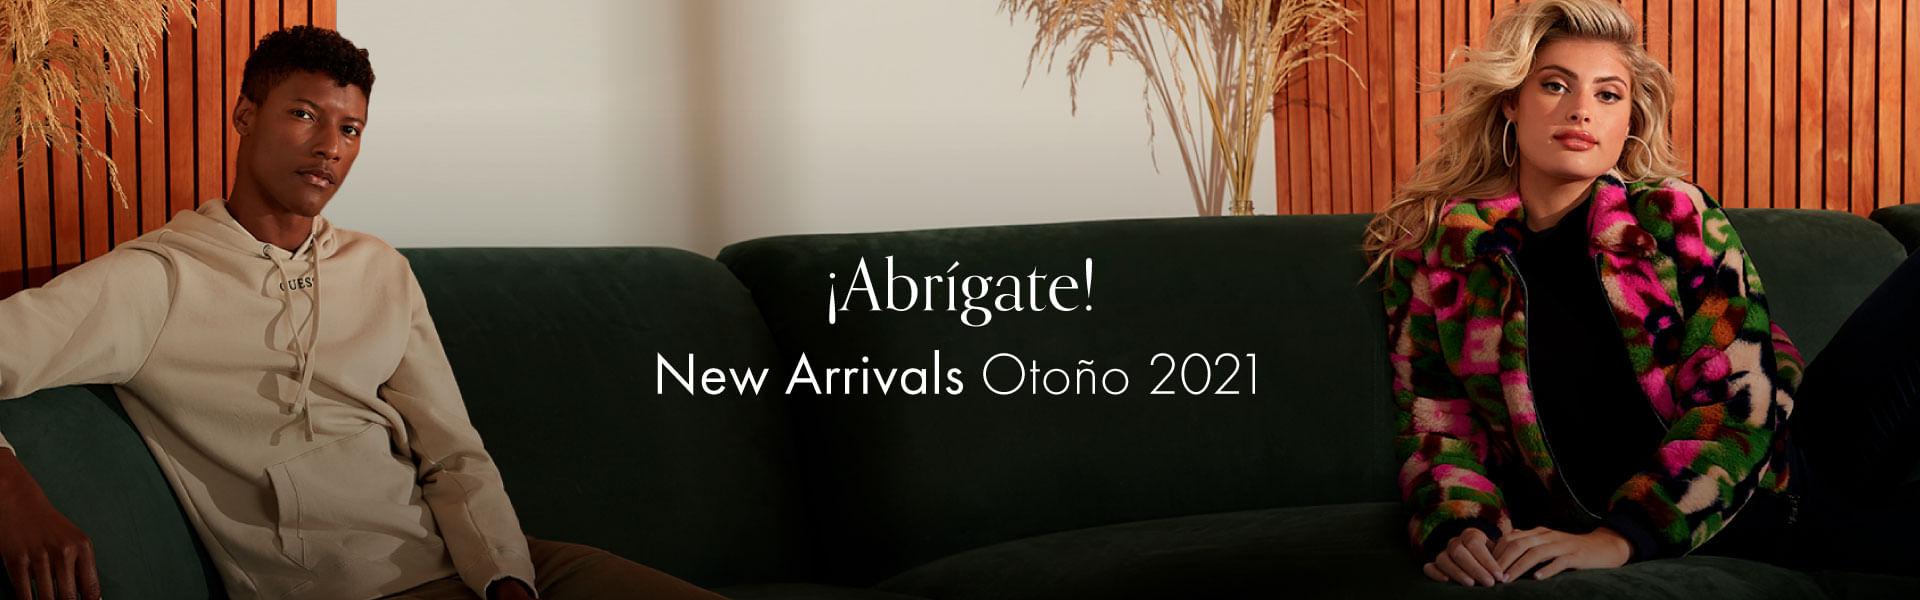 New Arrivals Otoño 2021